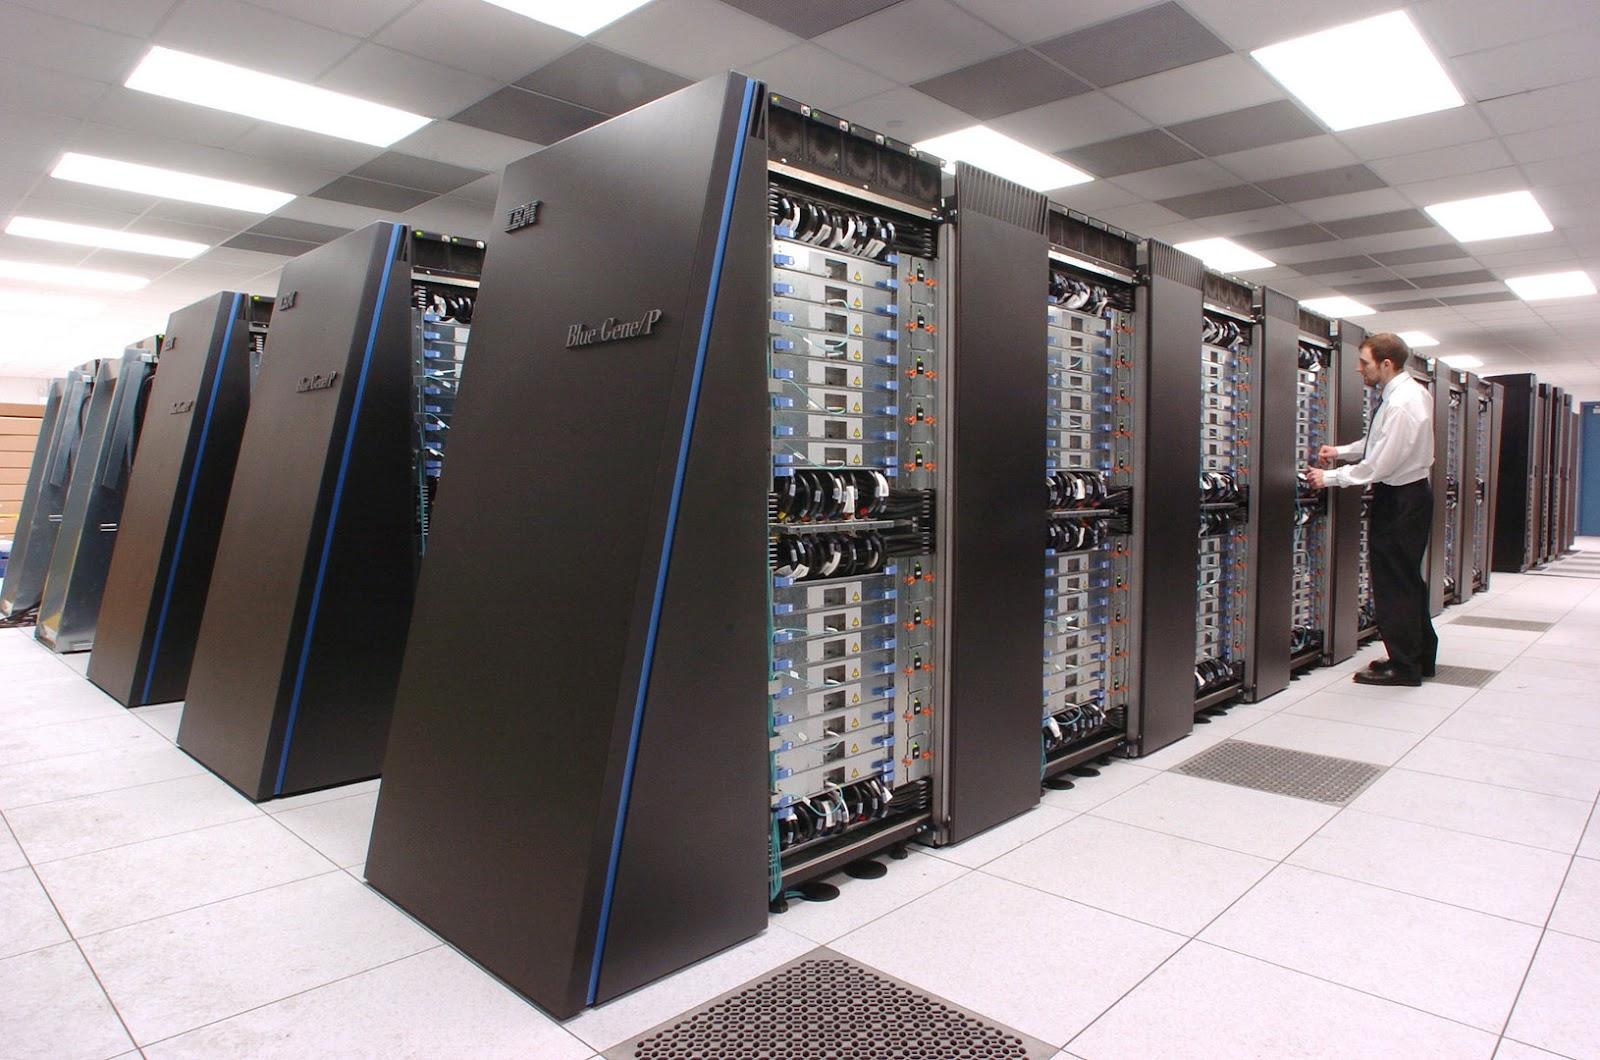 Um supercomputador para simular o cérebro humano